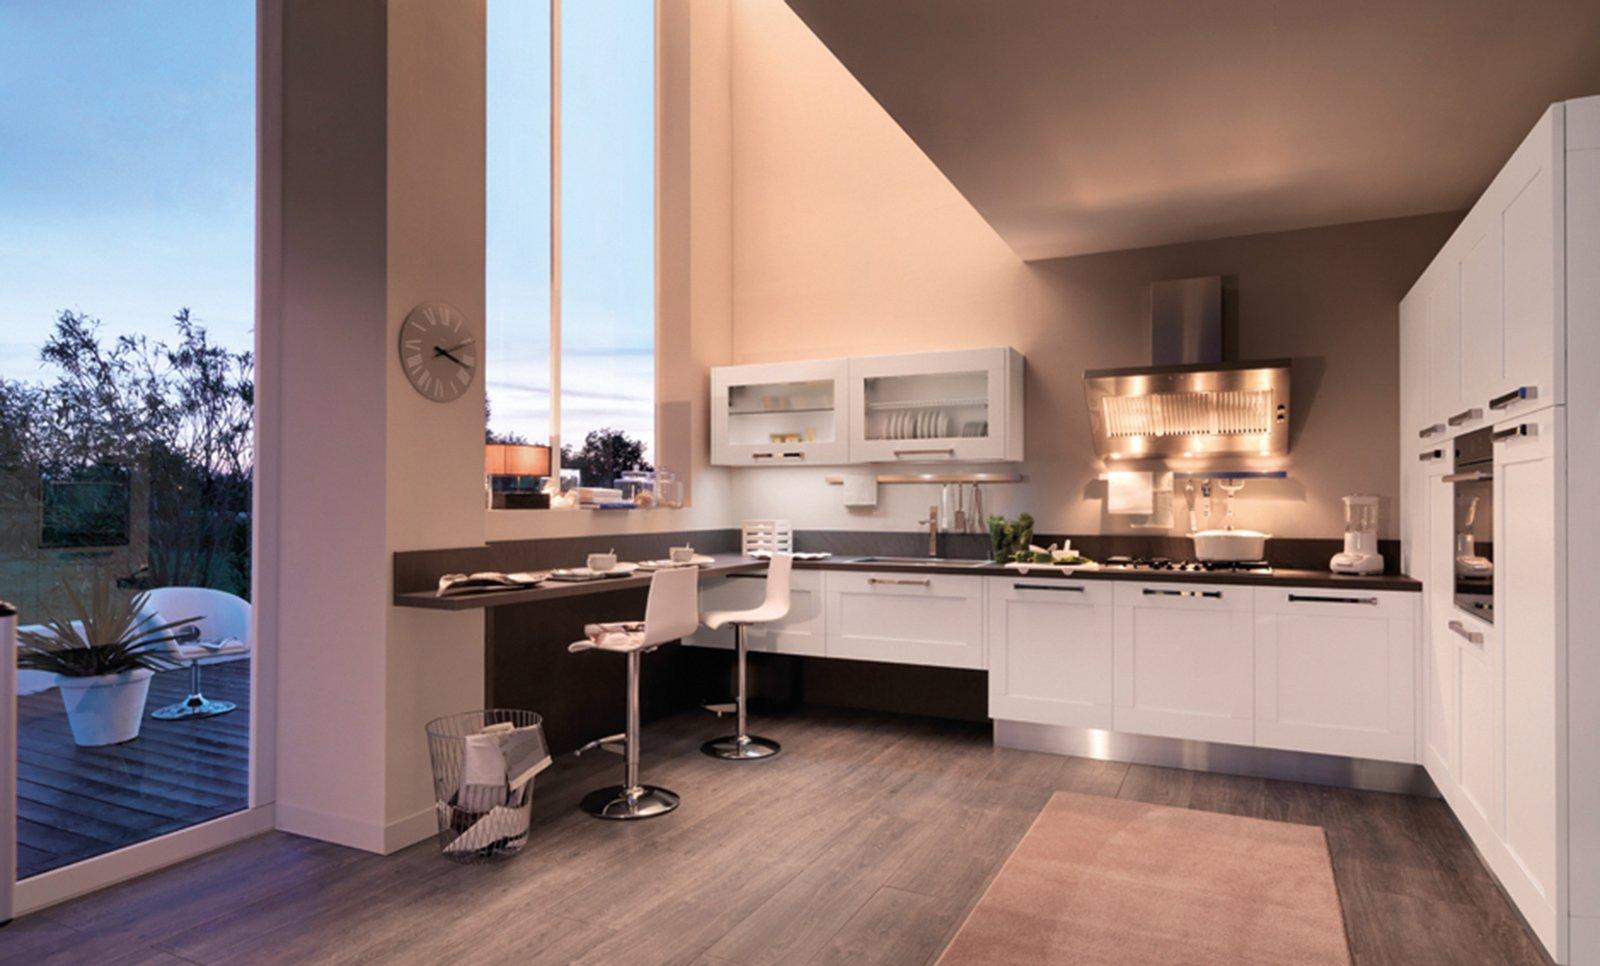 Cucina tante soluzioni per illuminarla cose di casa - Cucine lube prezzi 2016 ...